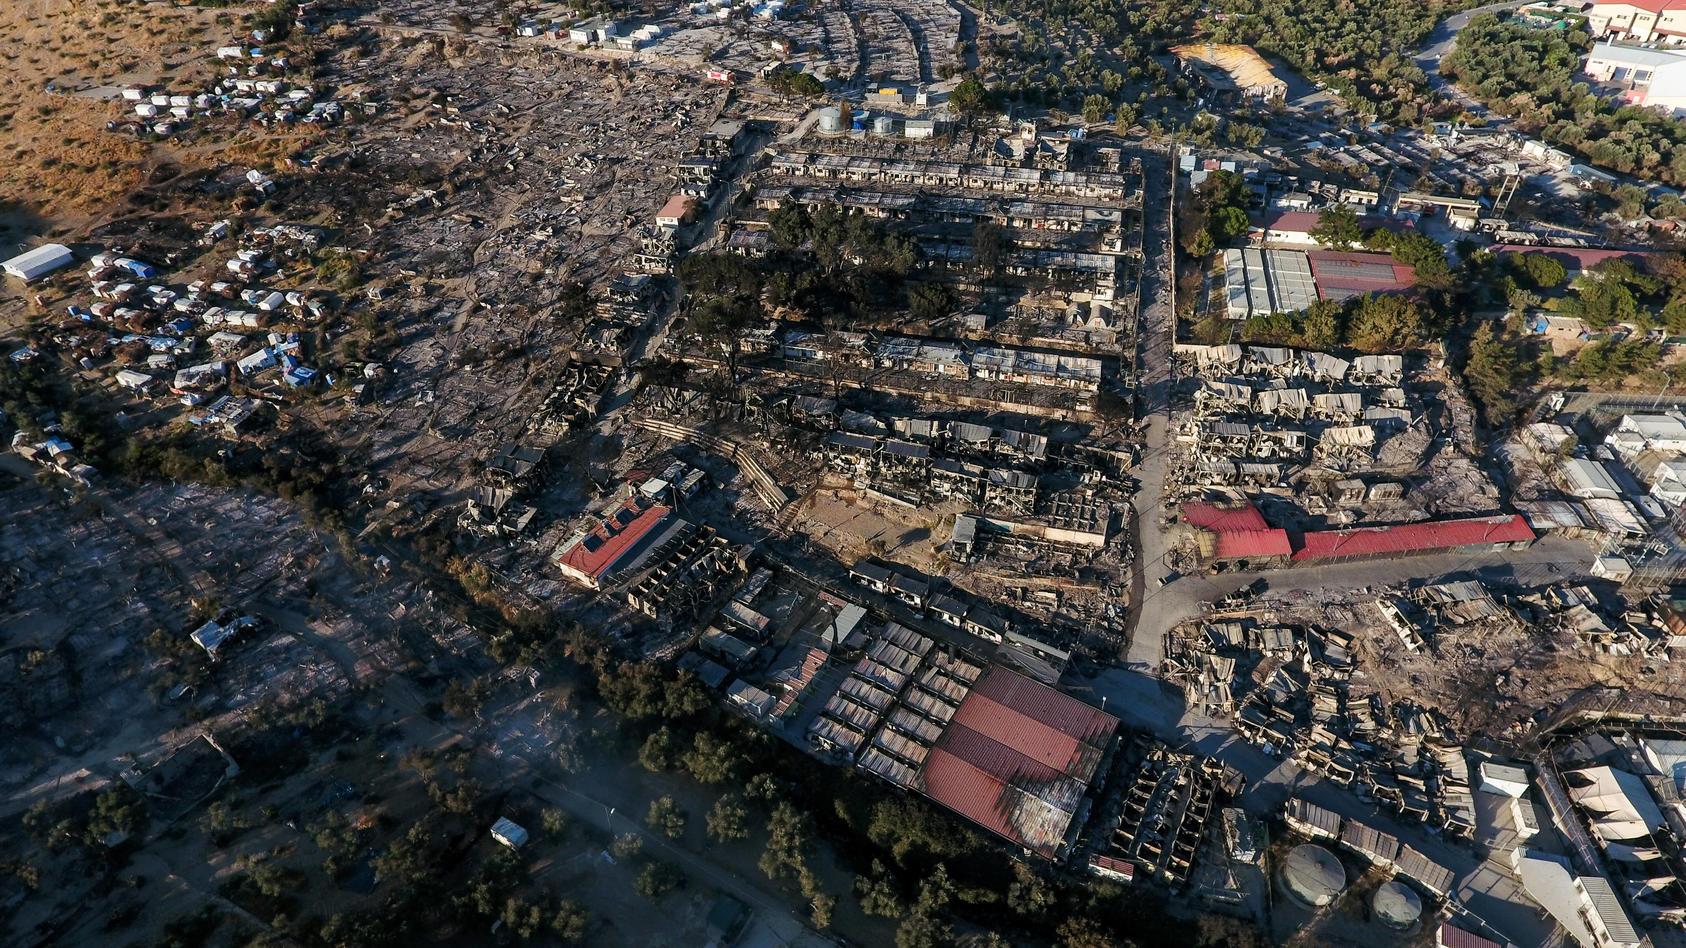 Verkohlte Überreste von Zelten und geschmolzene Wohncontainern im fast vollständig zerstörten Flüchtlingscamp Moria auf